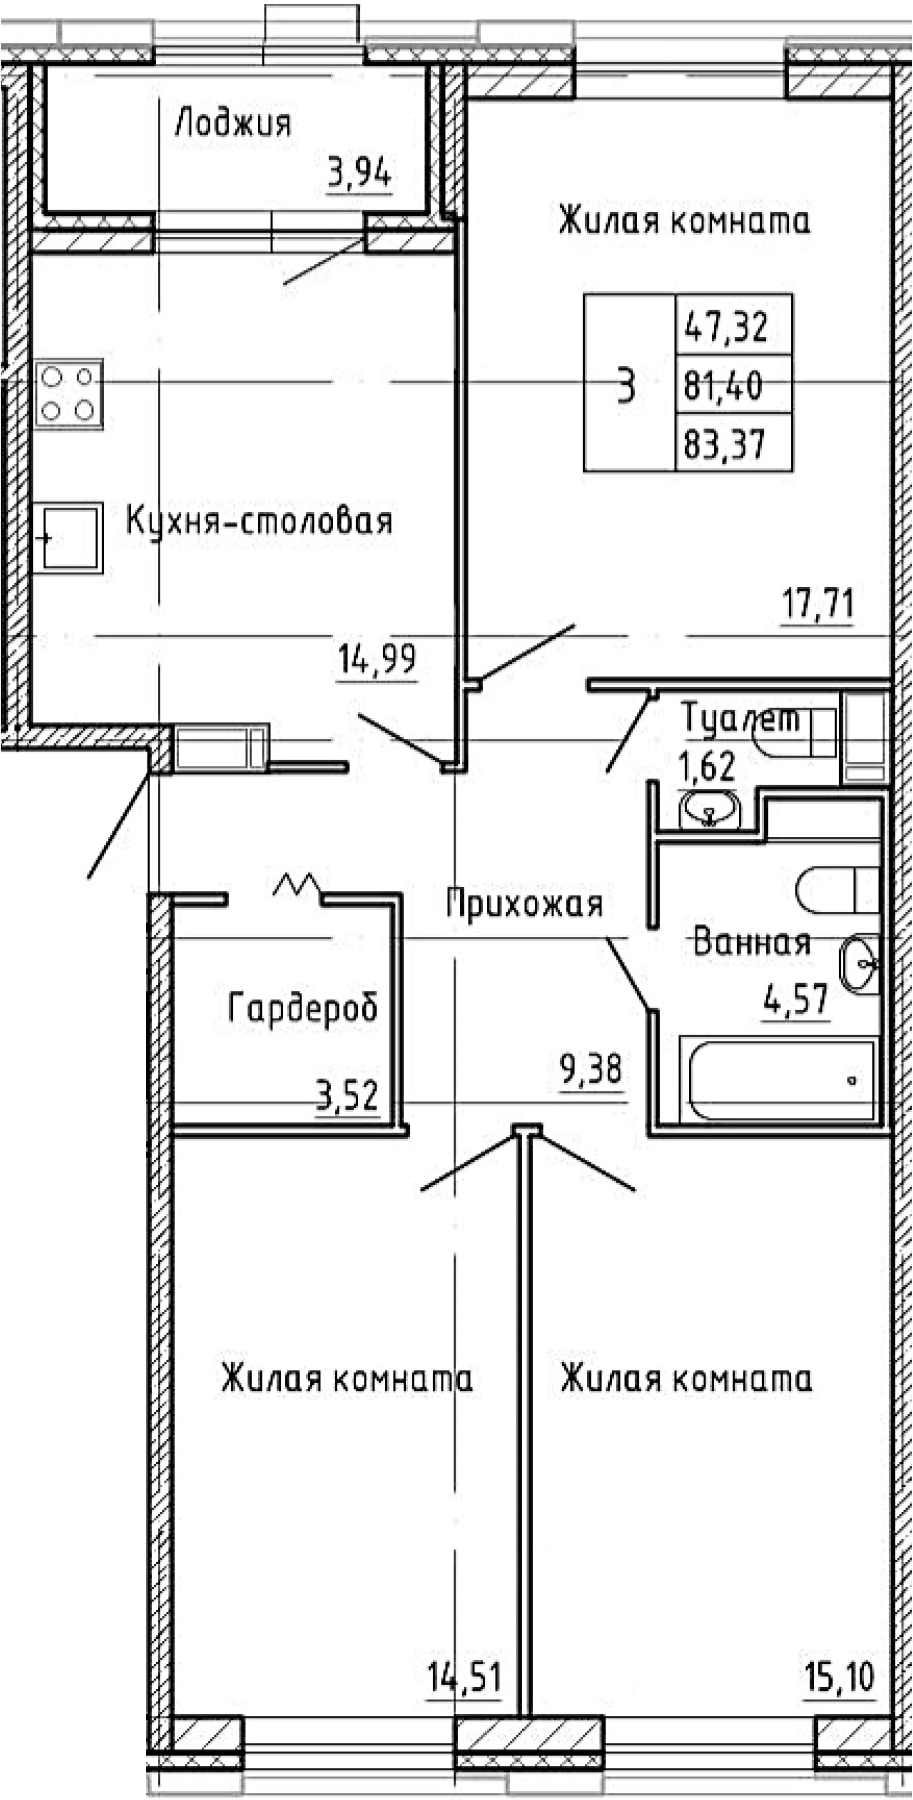 3-к.кв, 83.37 м², от 2 этажа